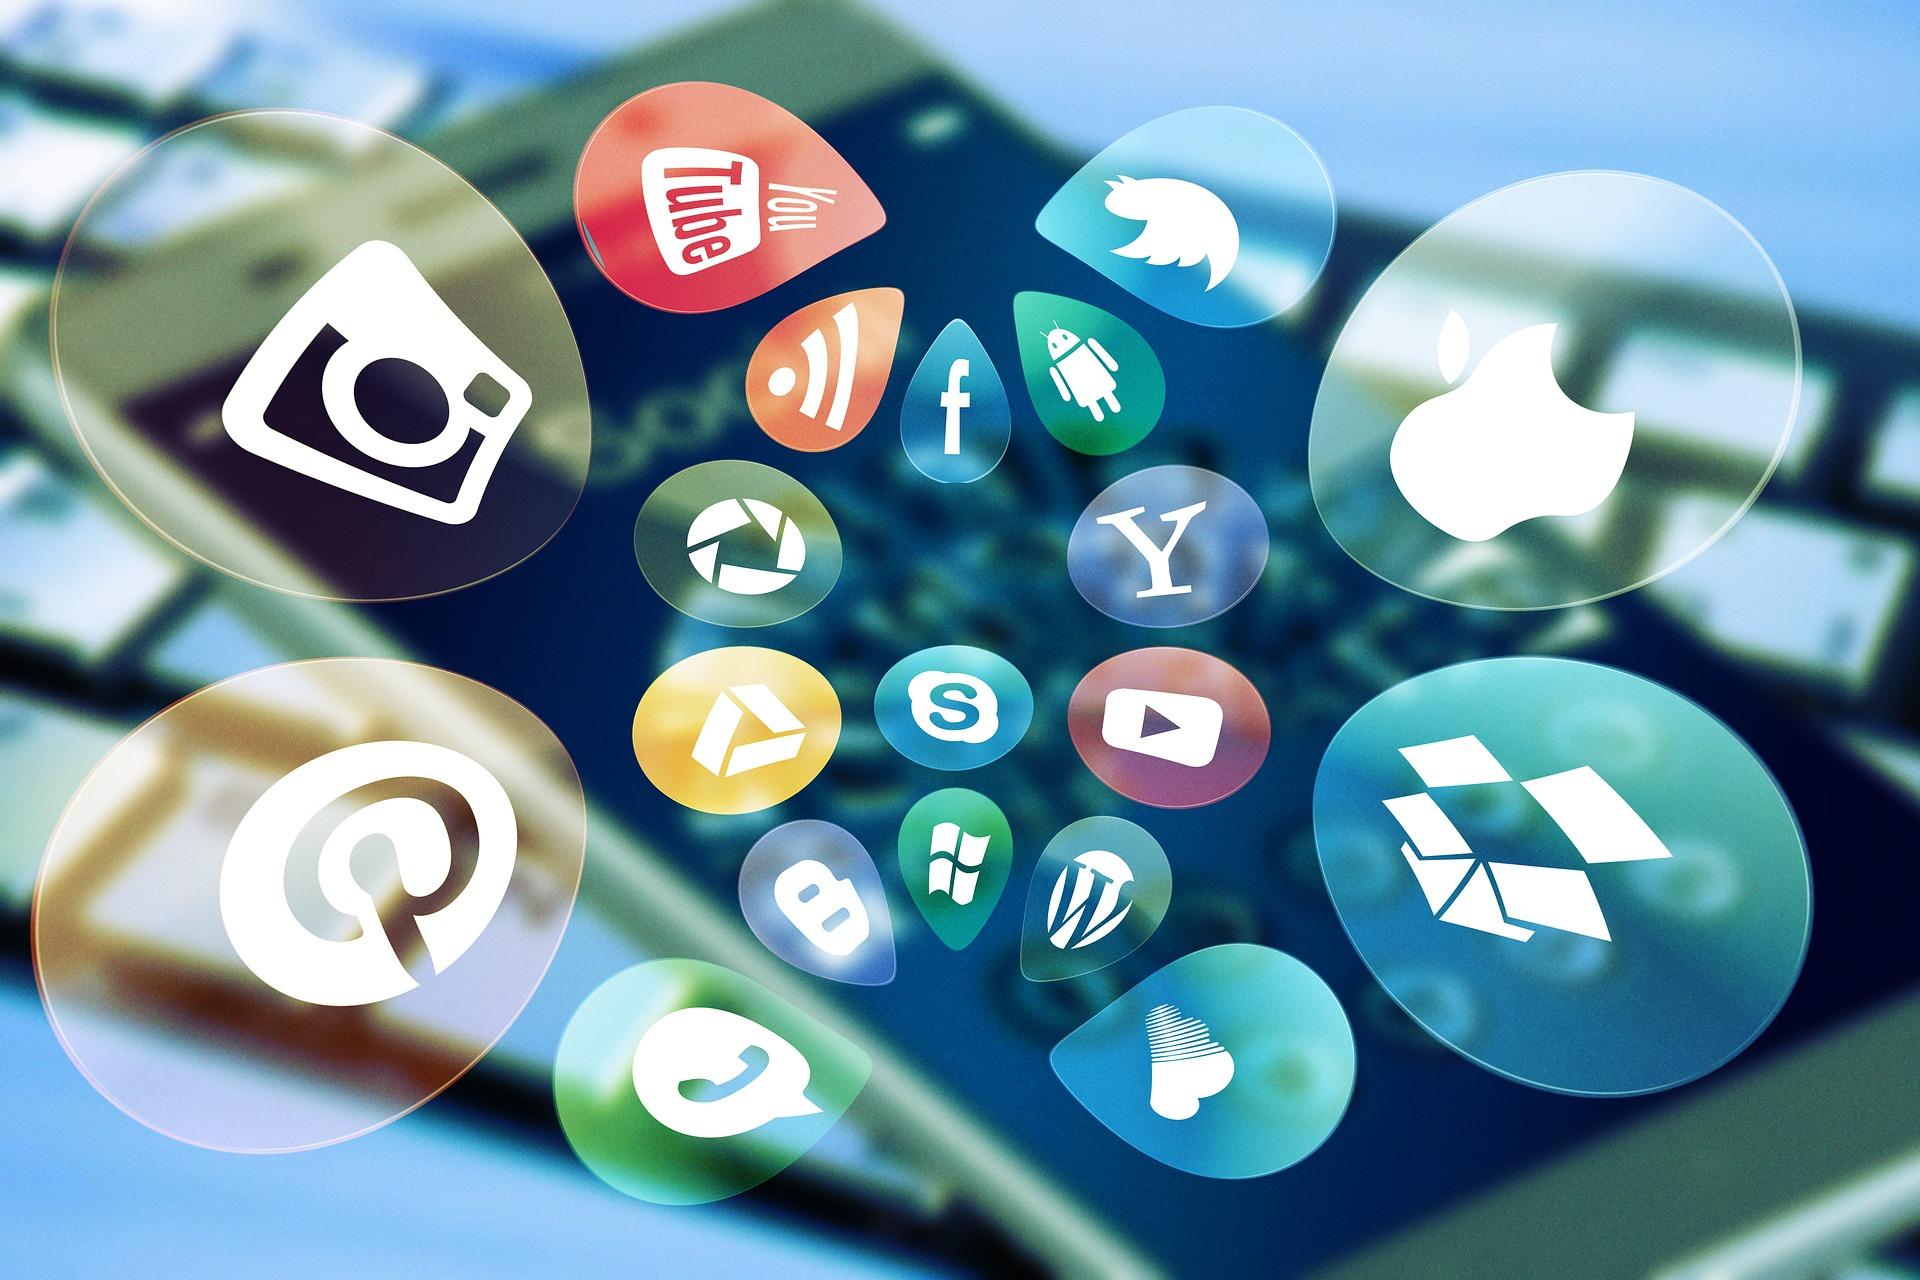 الدليل الكامل لمقاسات الصور الرمزية والغلاف في الشبكات الاجتماعية 2021 مفيد